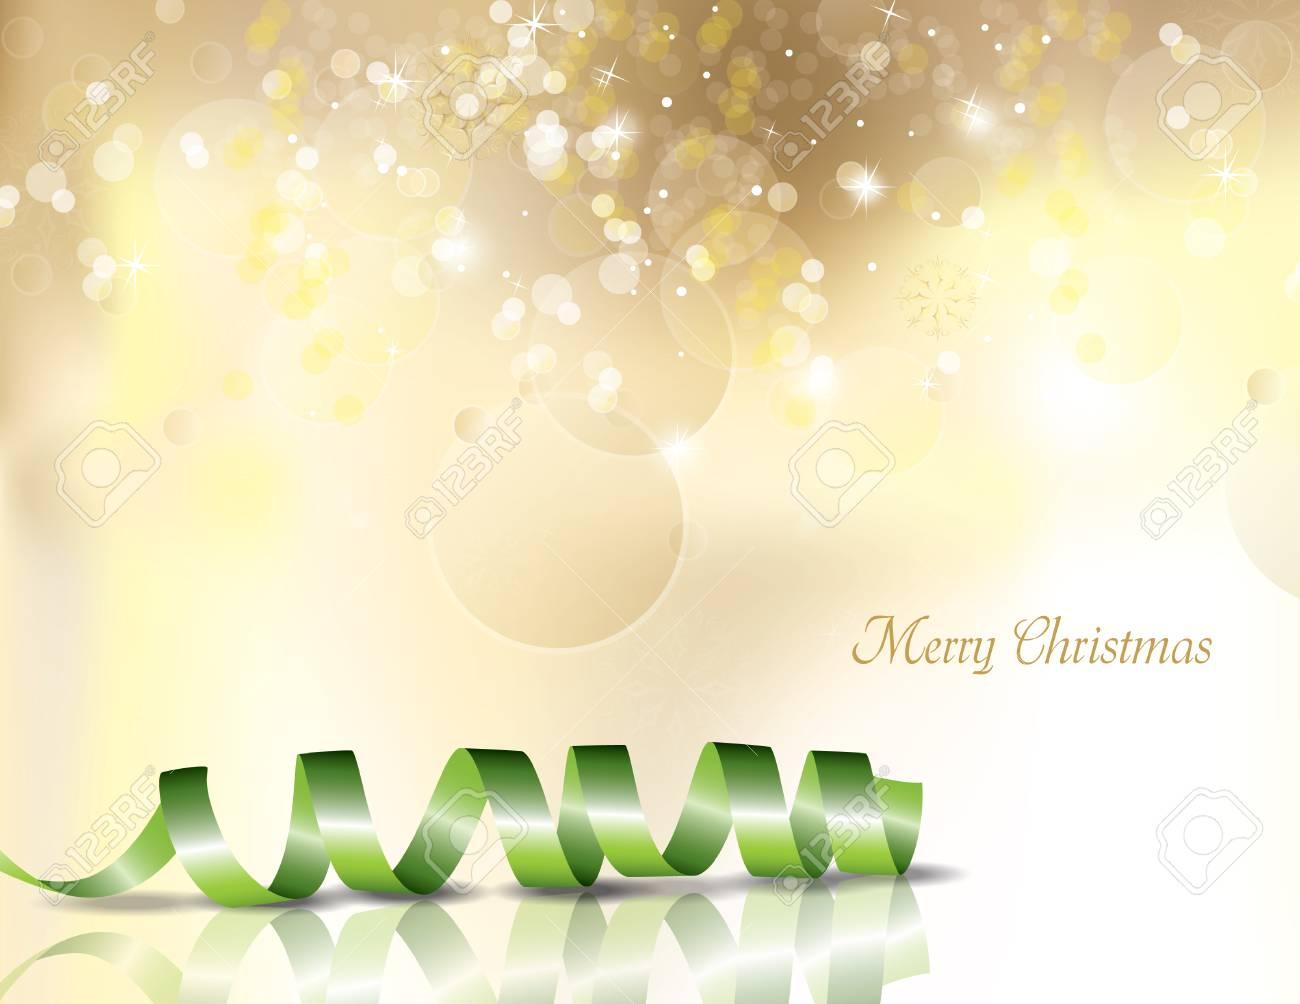 クリスマスの背景キラキラのイラストですのイラスト素材ベクタ